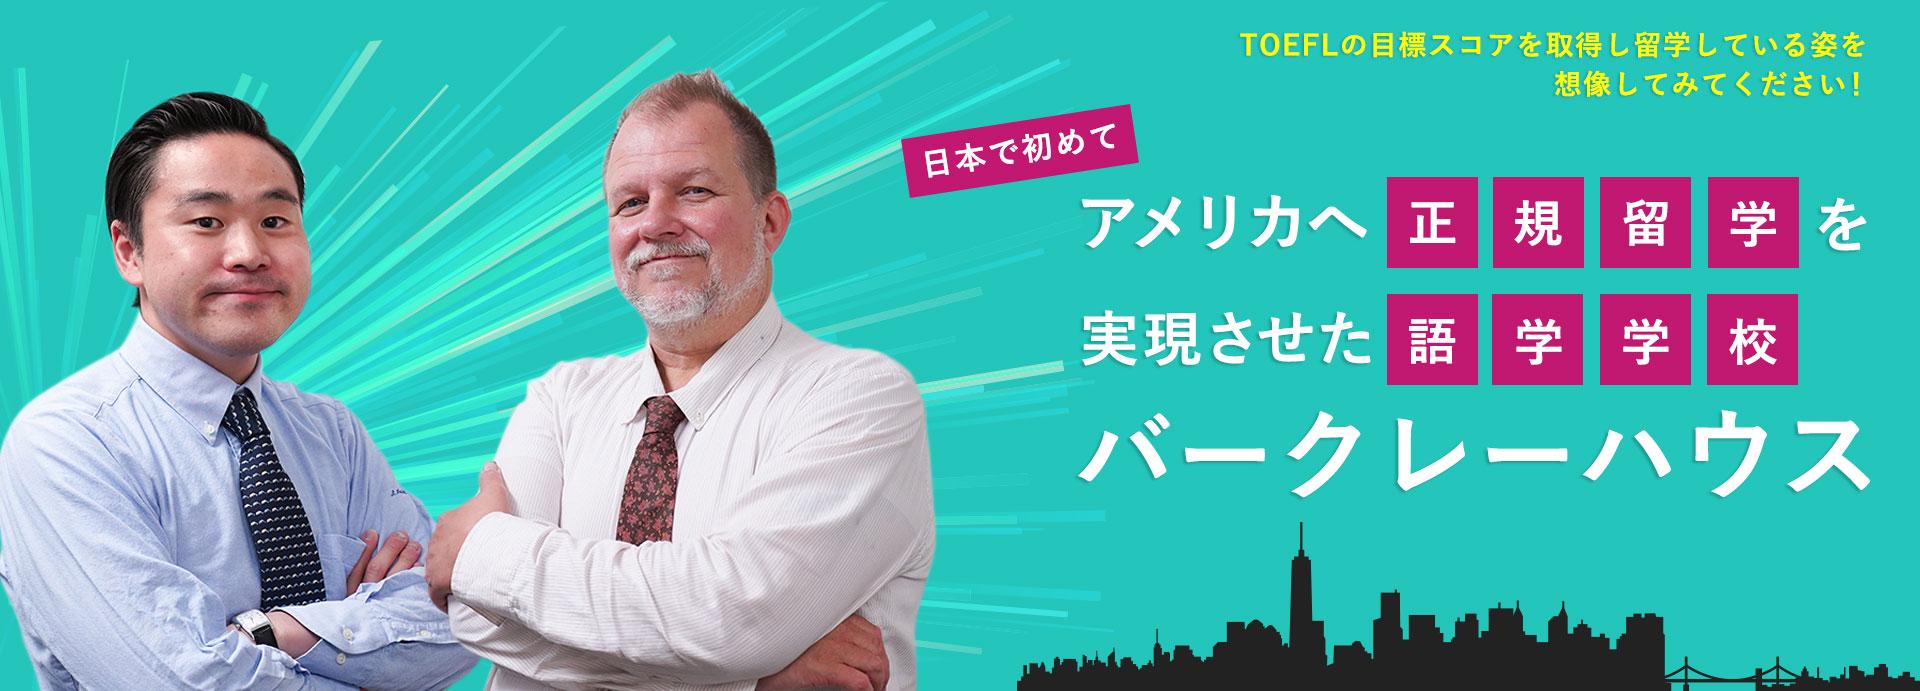 日本で最初に、アメリカへ「正規留学」をさせた「語学留学」バークレーハウス